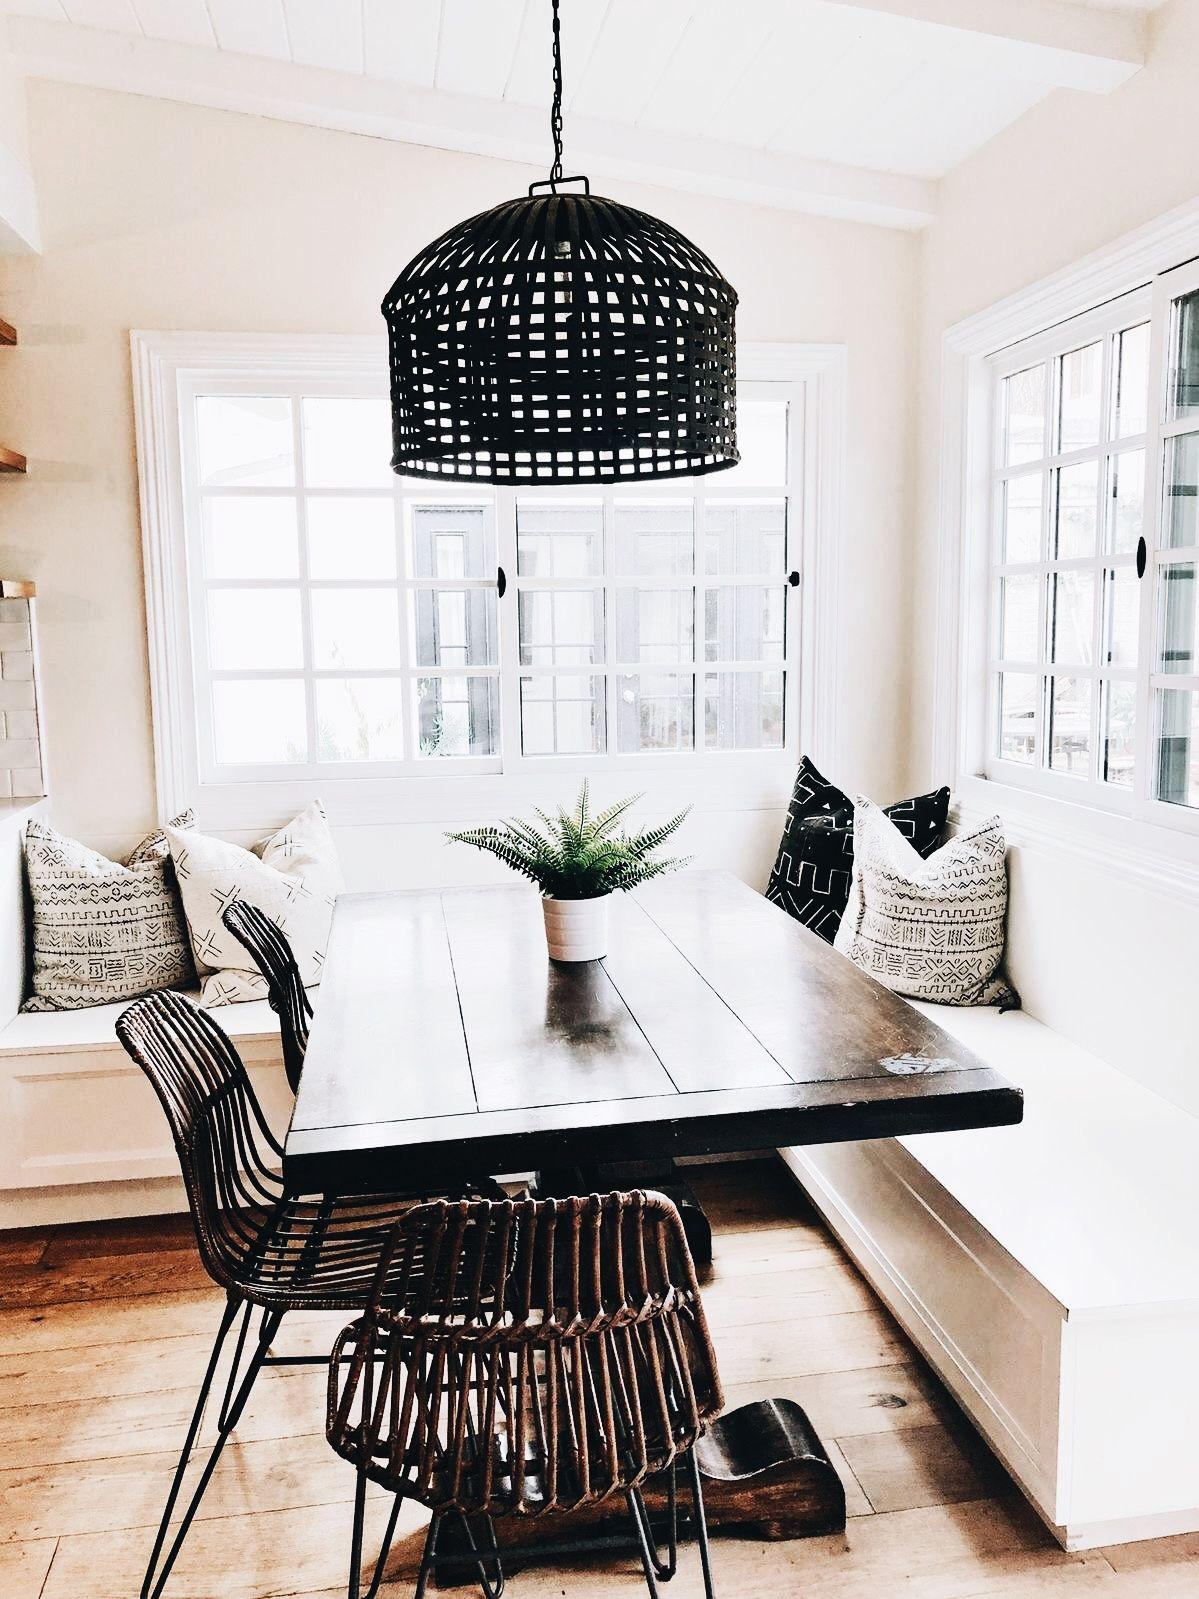 Built In Seating Breakfastnook Black Woven Basket Pendant Light